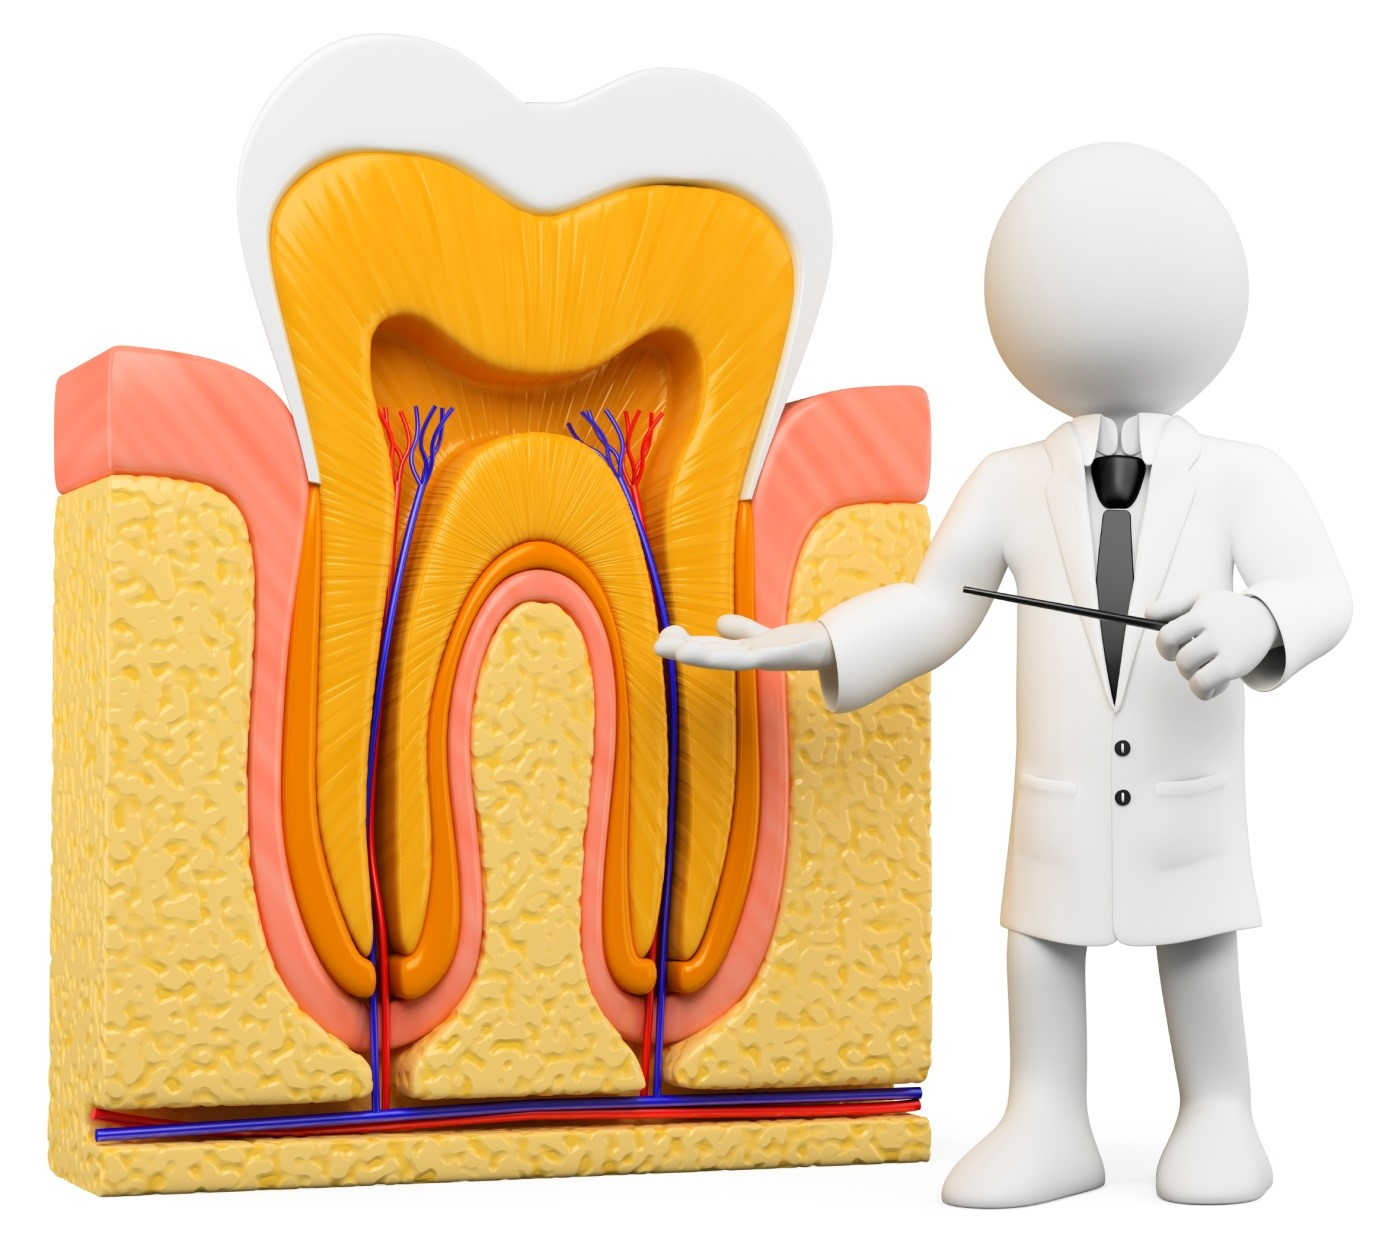 چند سؤال رایج در مورد عصب کشی و پر کردن دندان